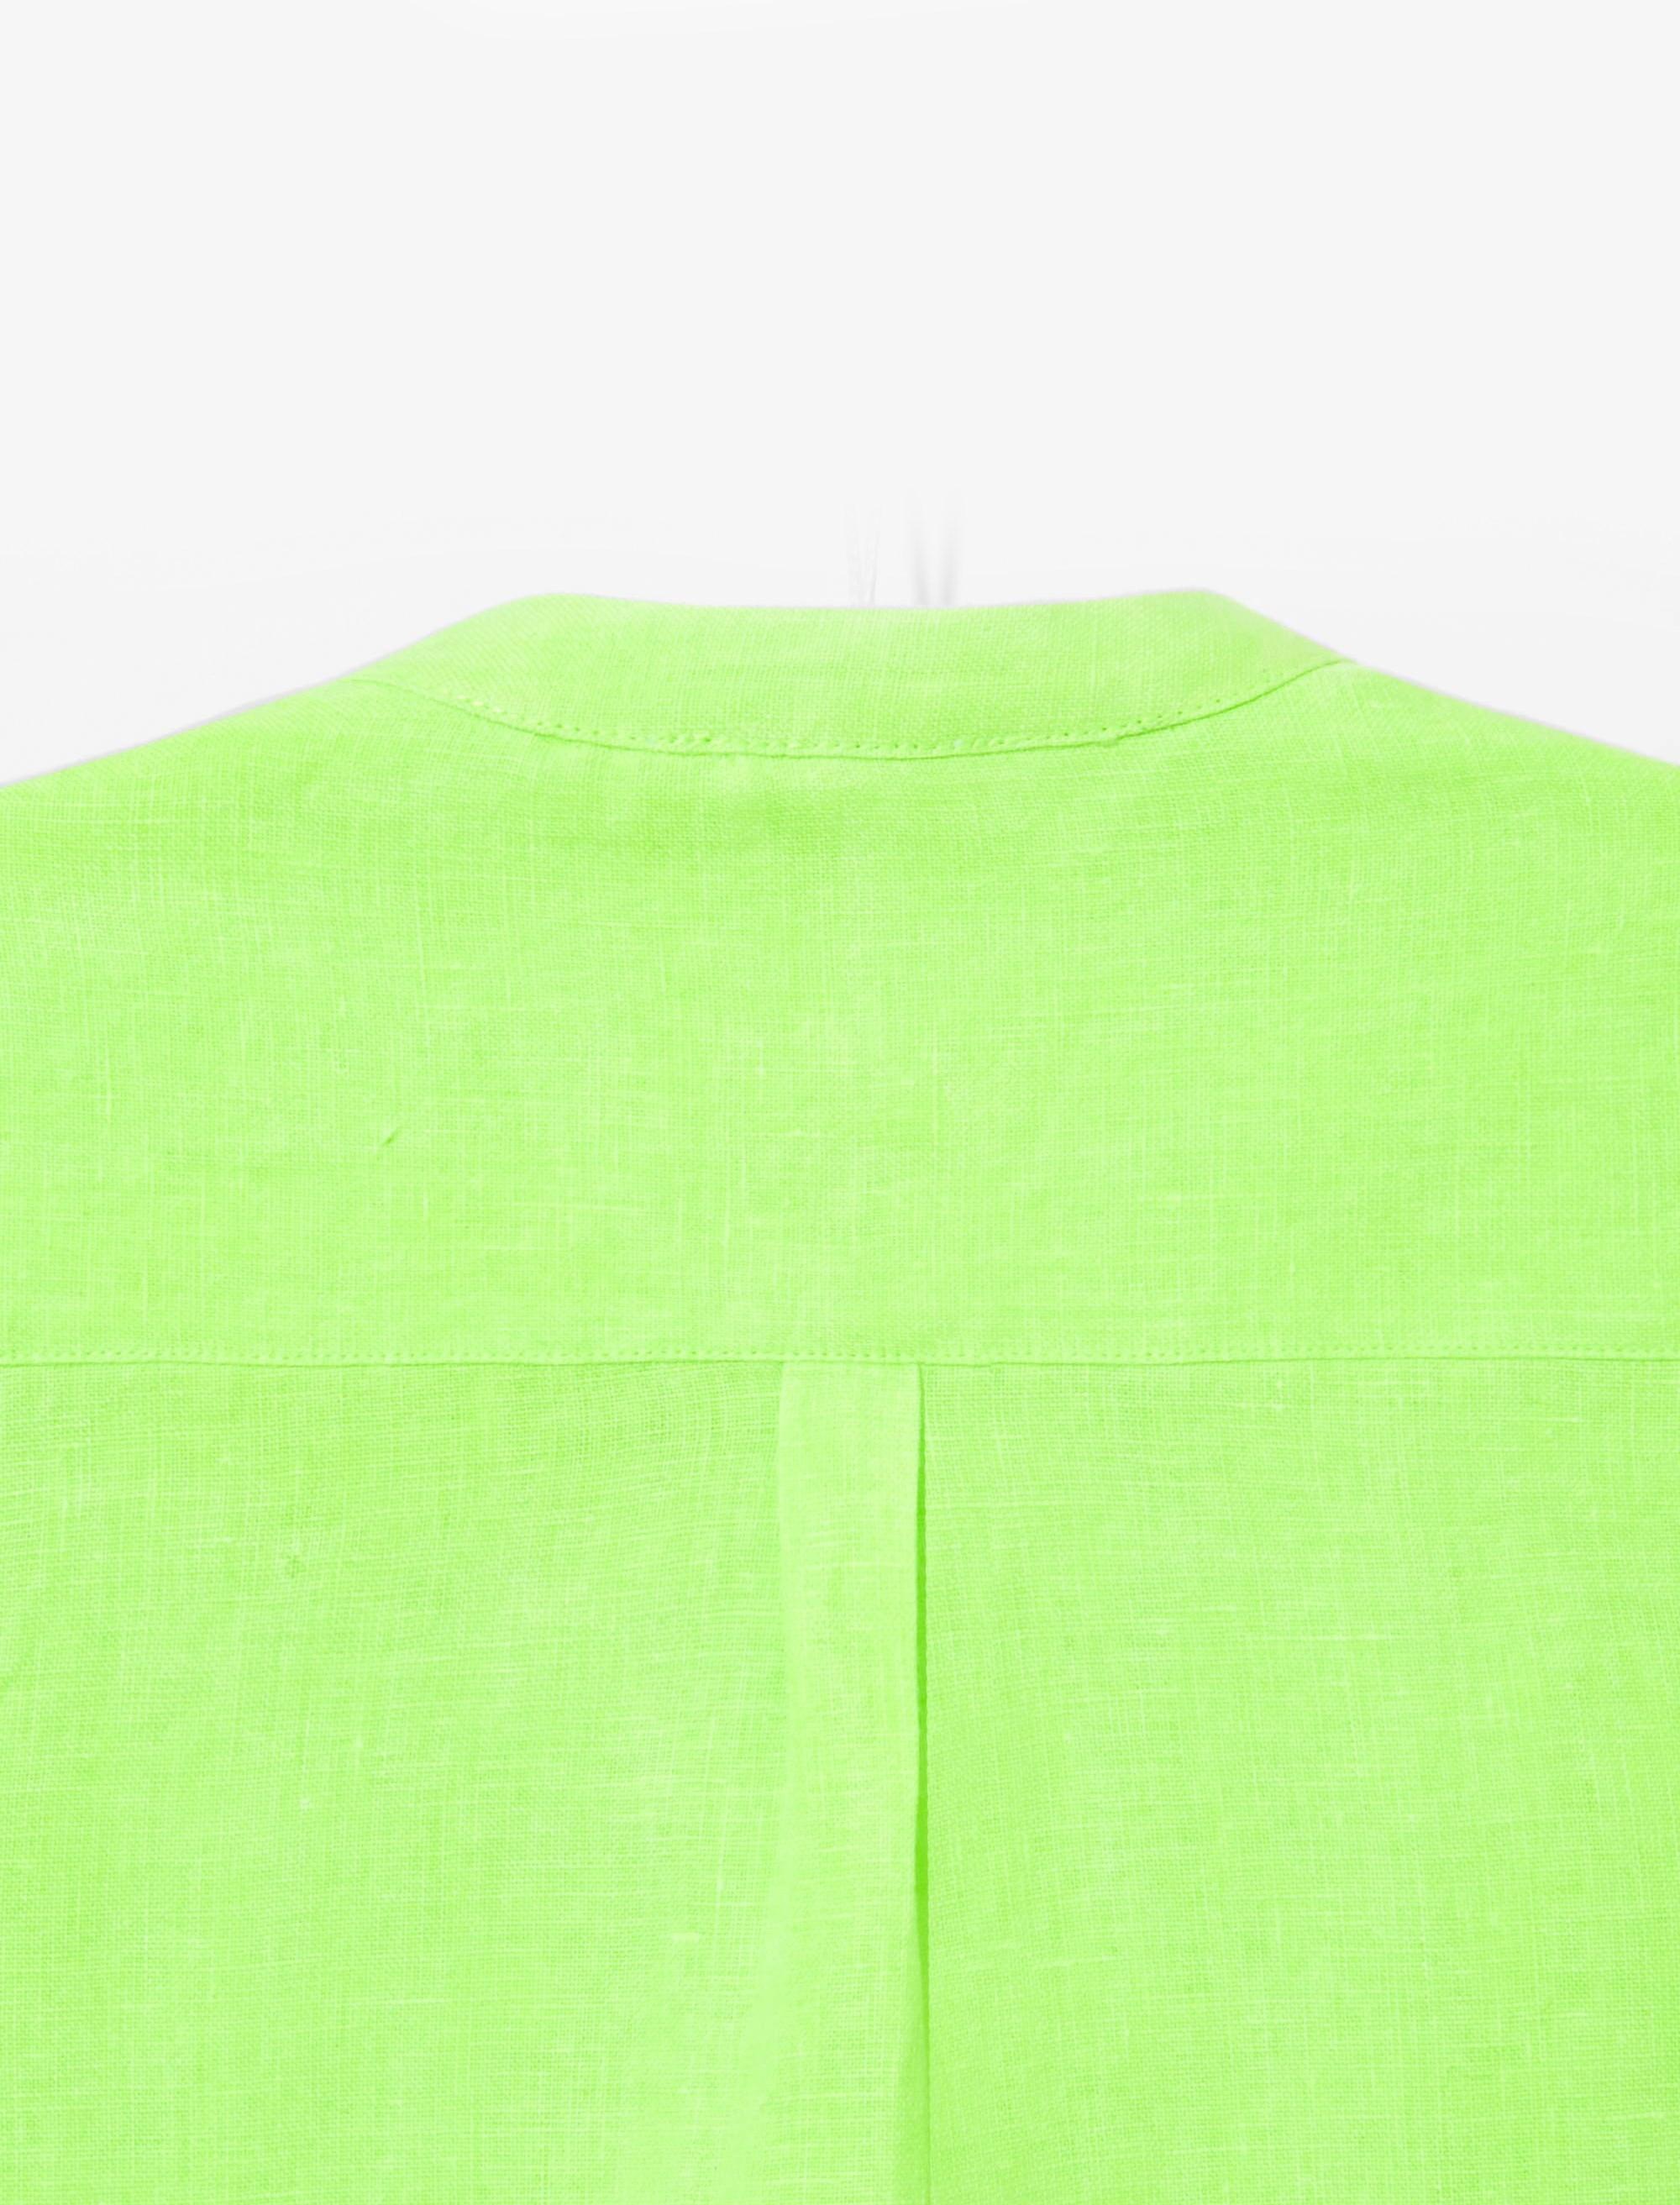 پیراهن کتان آستین بلند پسرانه Eclipsebis - سبز - 4